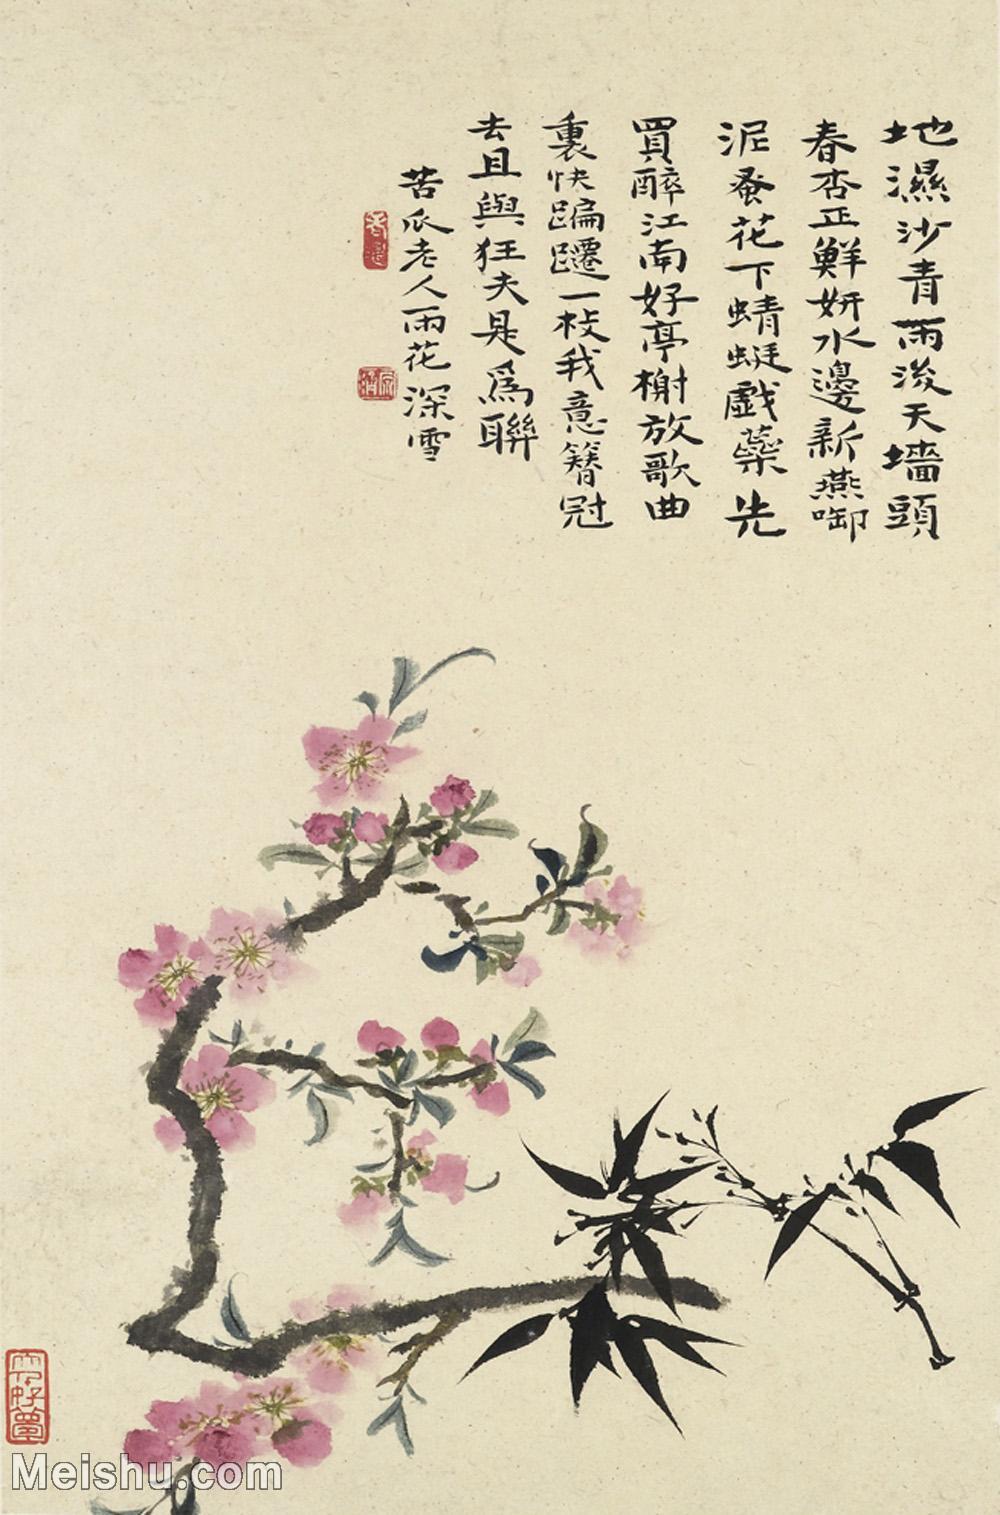 【印刷级】GH6062447古画石涛花卉册(7)册页图片-43M-3183X4823.jpg